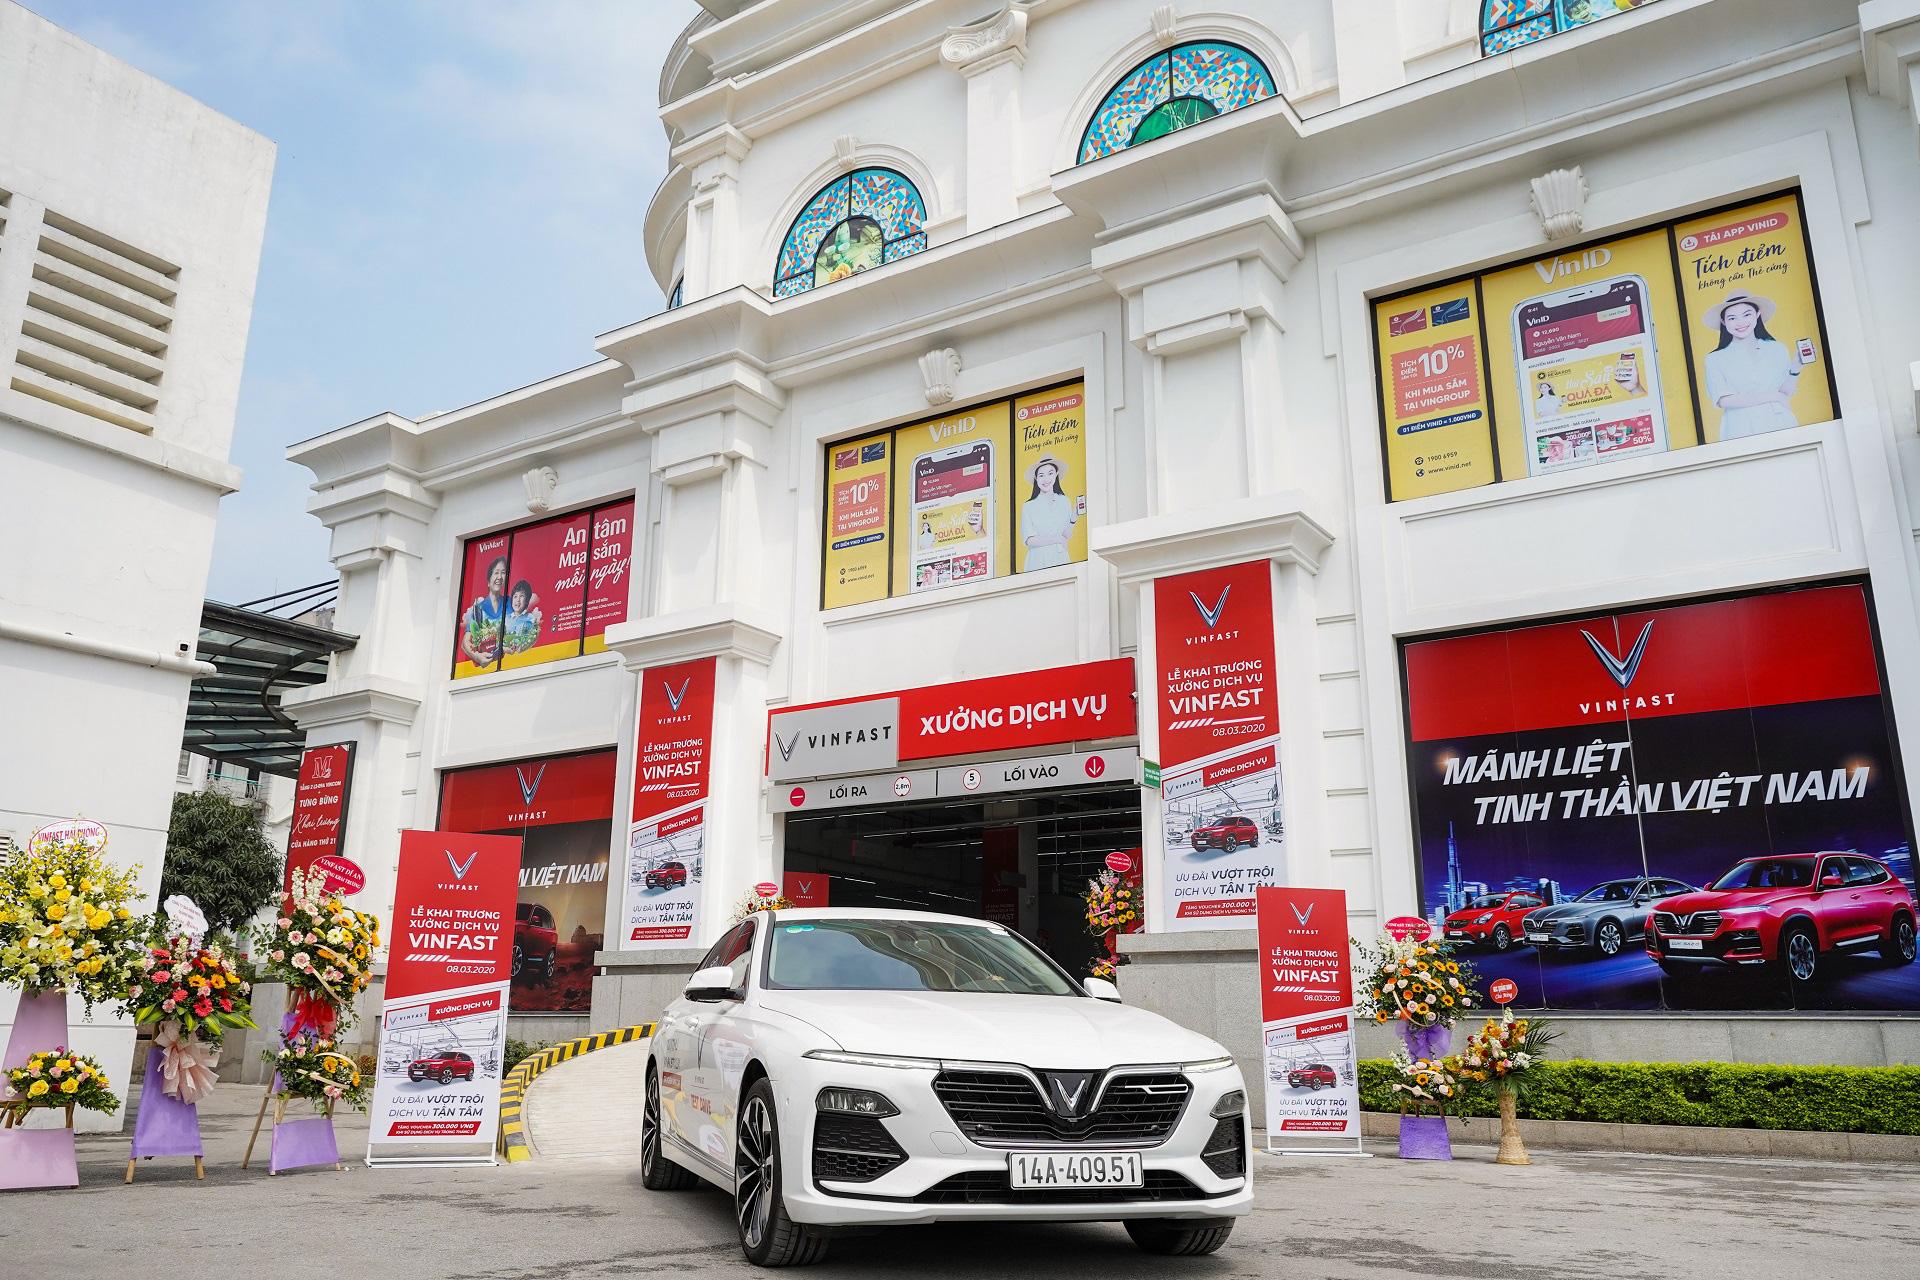 VinFast của tỉ phú Phạm Nhật Vượng trở thành hãng xe có hệ thống xưởng dịch vụ lớn nhất Việt Nam - Ảnh 1.